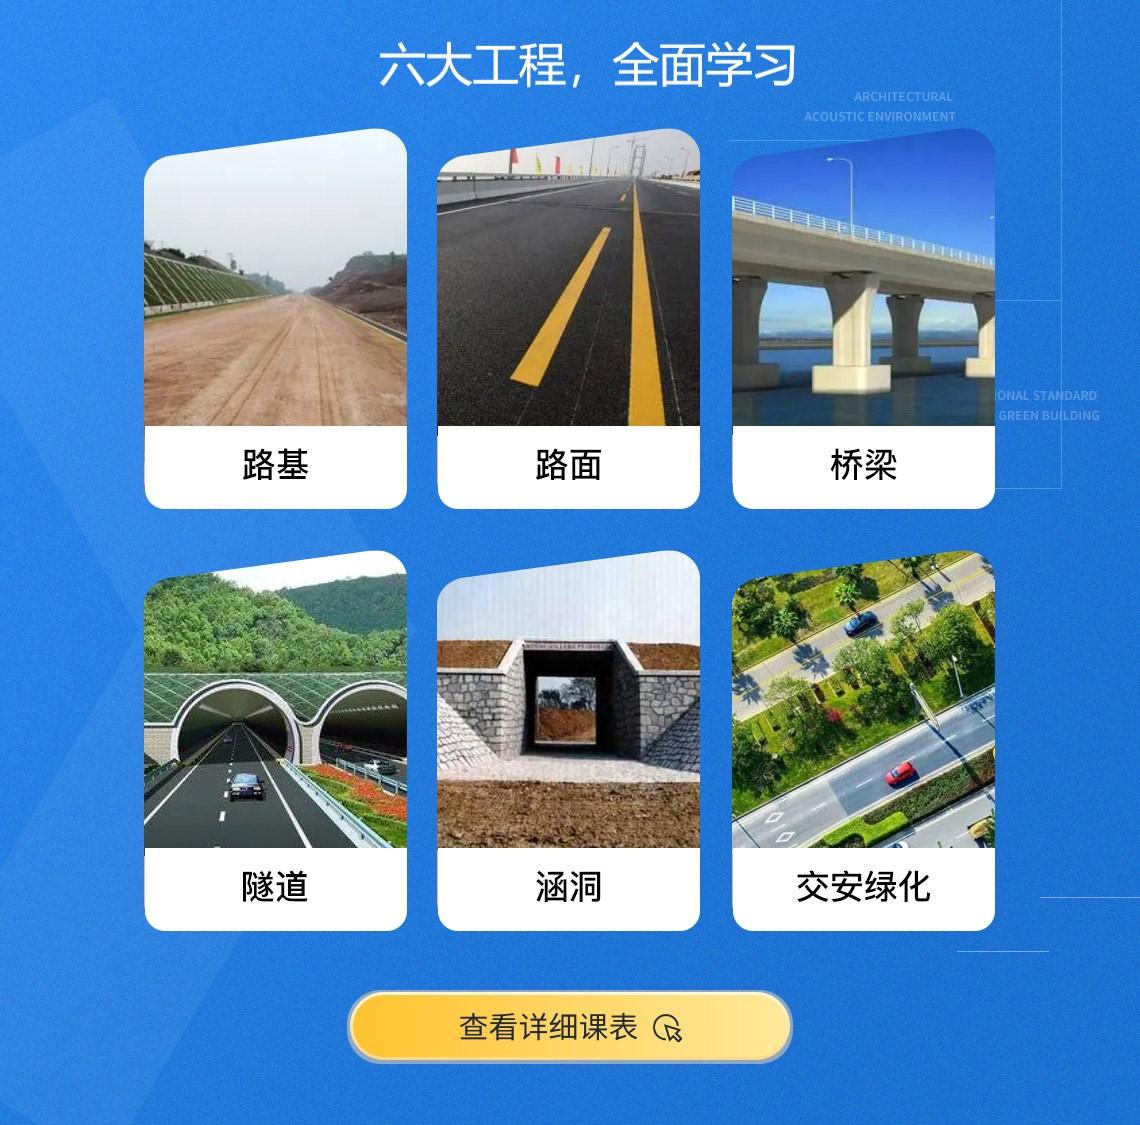 课程目录包括:路基工程、路面工程、桥涵工程、隧道工程、计量必备技能、同望纵横案例讲解等